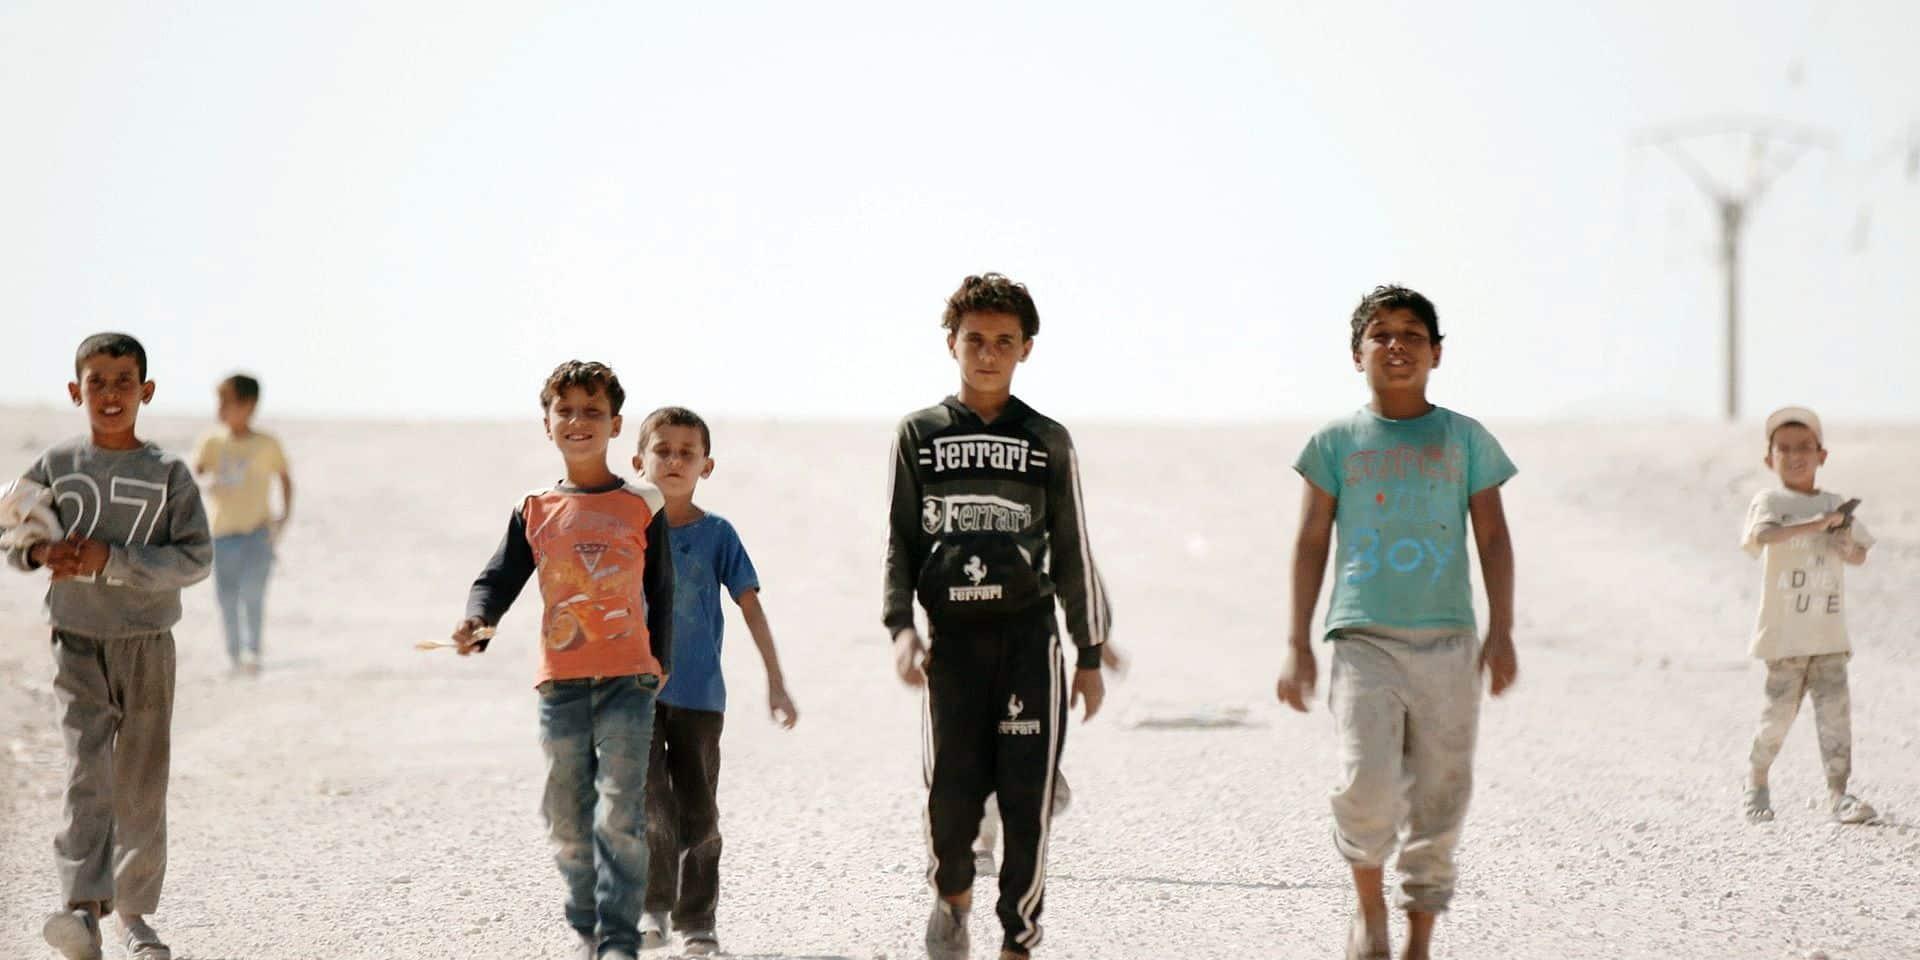 Aujourd'hui, ces jeunes sont retenus dans des camps de déplacés dans le nord-est de la Syrie, dans la région de Mossoul et au Kurdistan irakien.